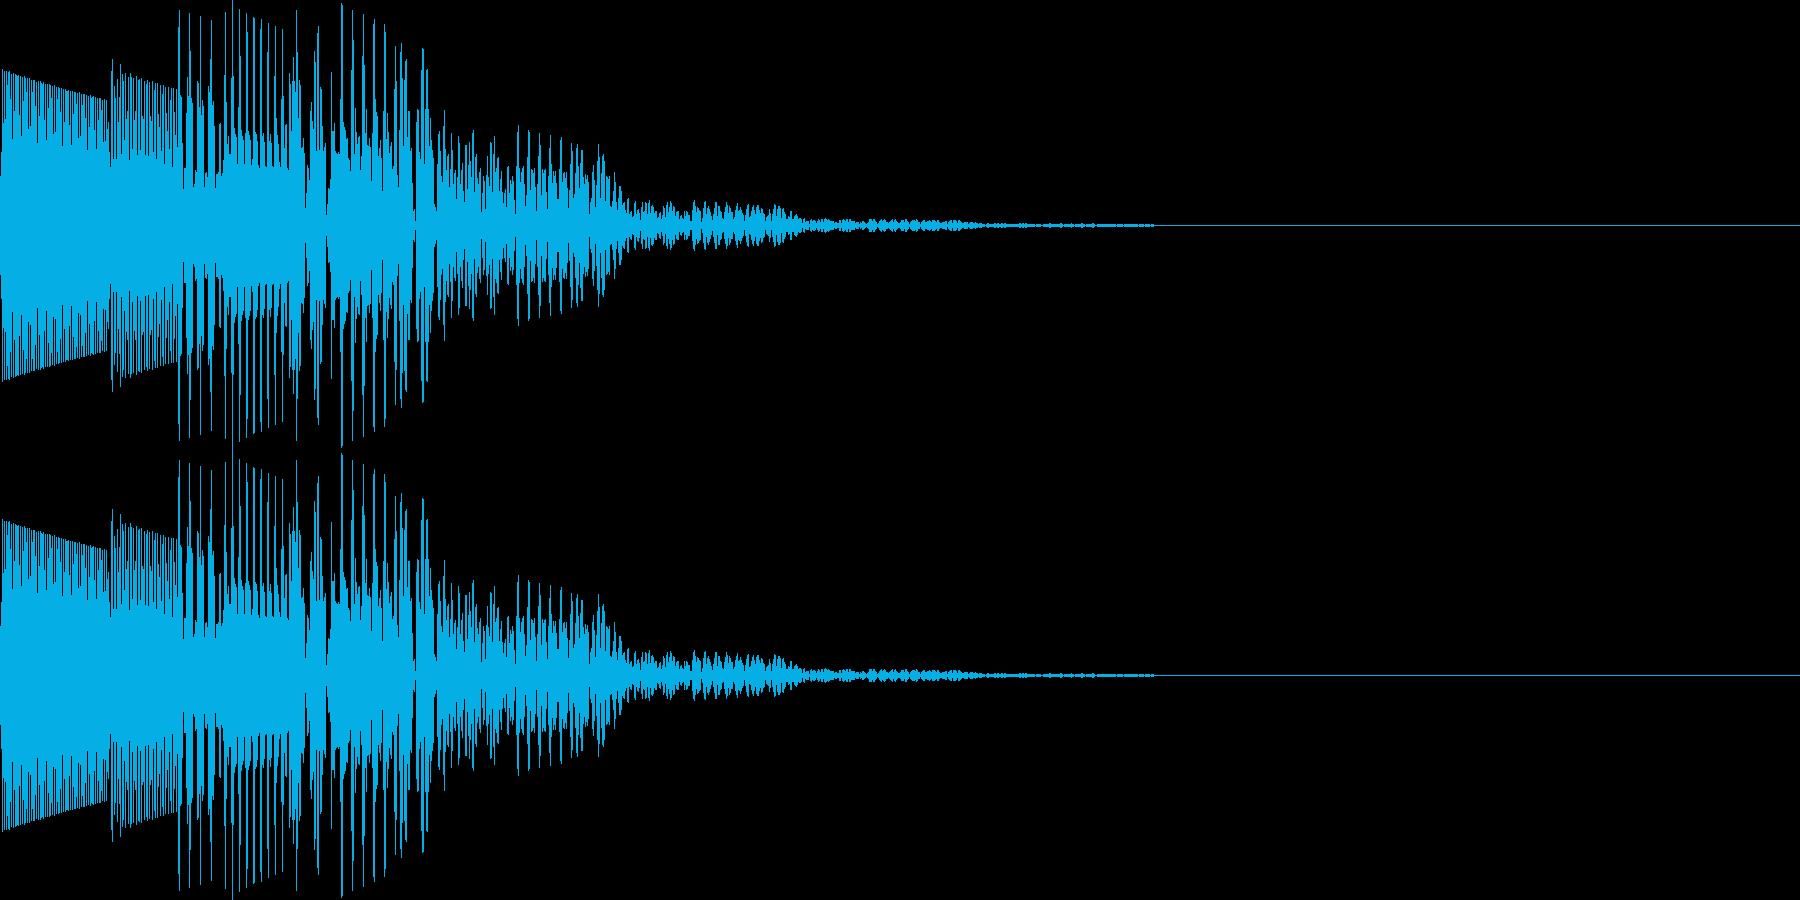 ポロロン(キャンセル、アイテム表示)の再生済みの波形